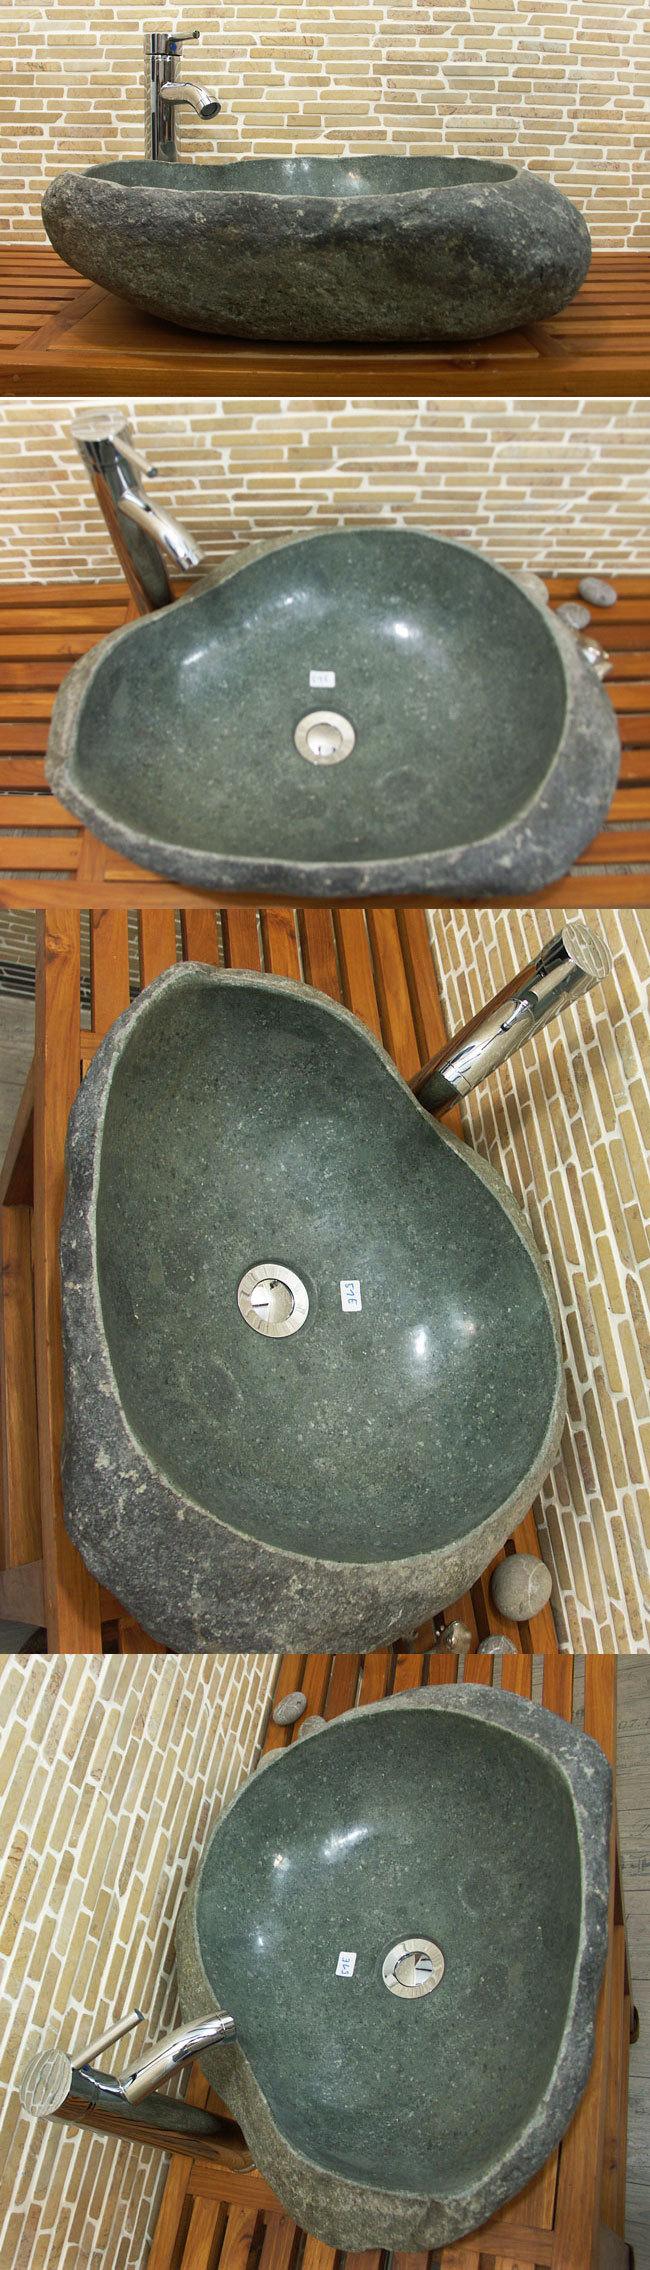 waschbecken aus flussstein bafs 51e ein unikat f r ihr bad. Black Bedroom Furniture Sets. Home Design Ideas